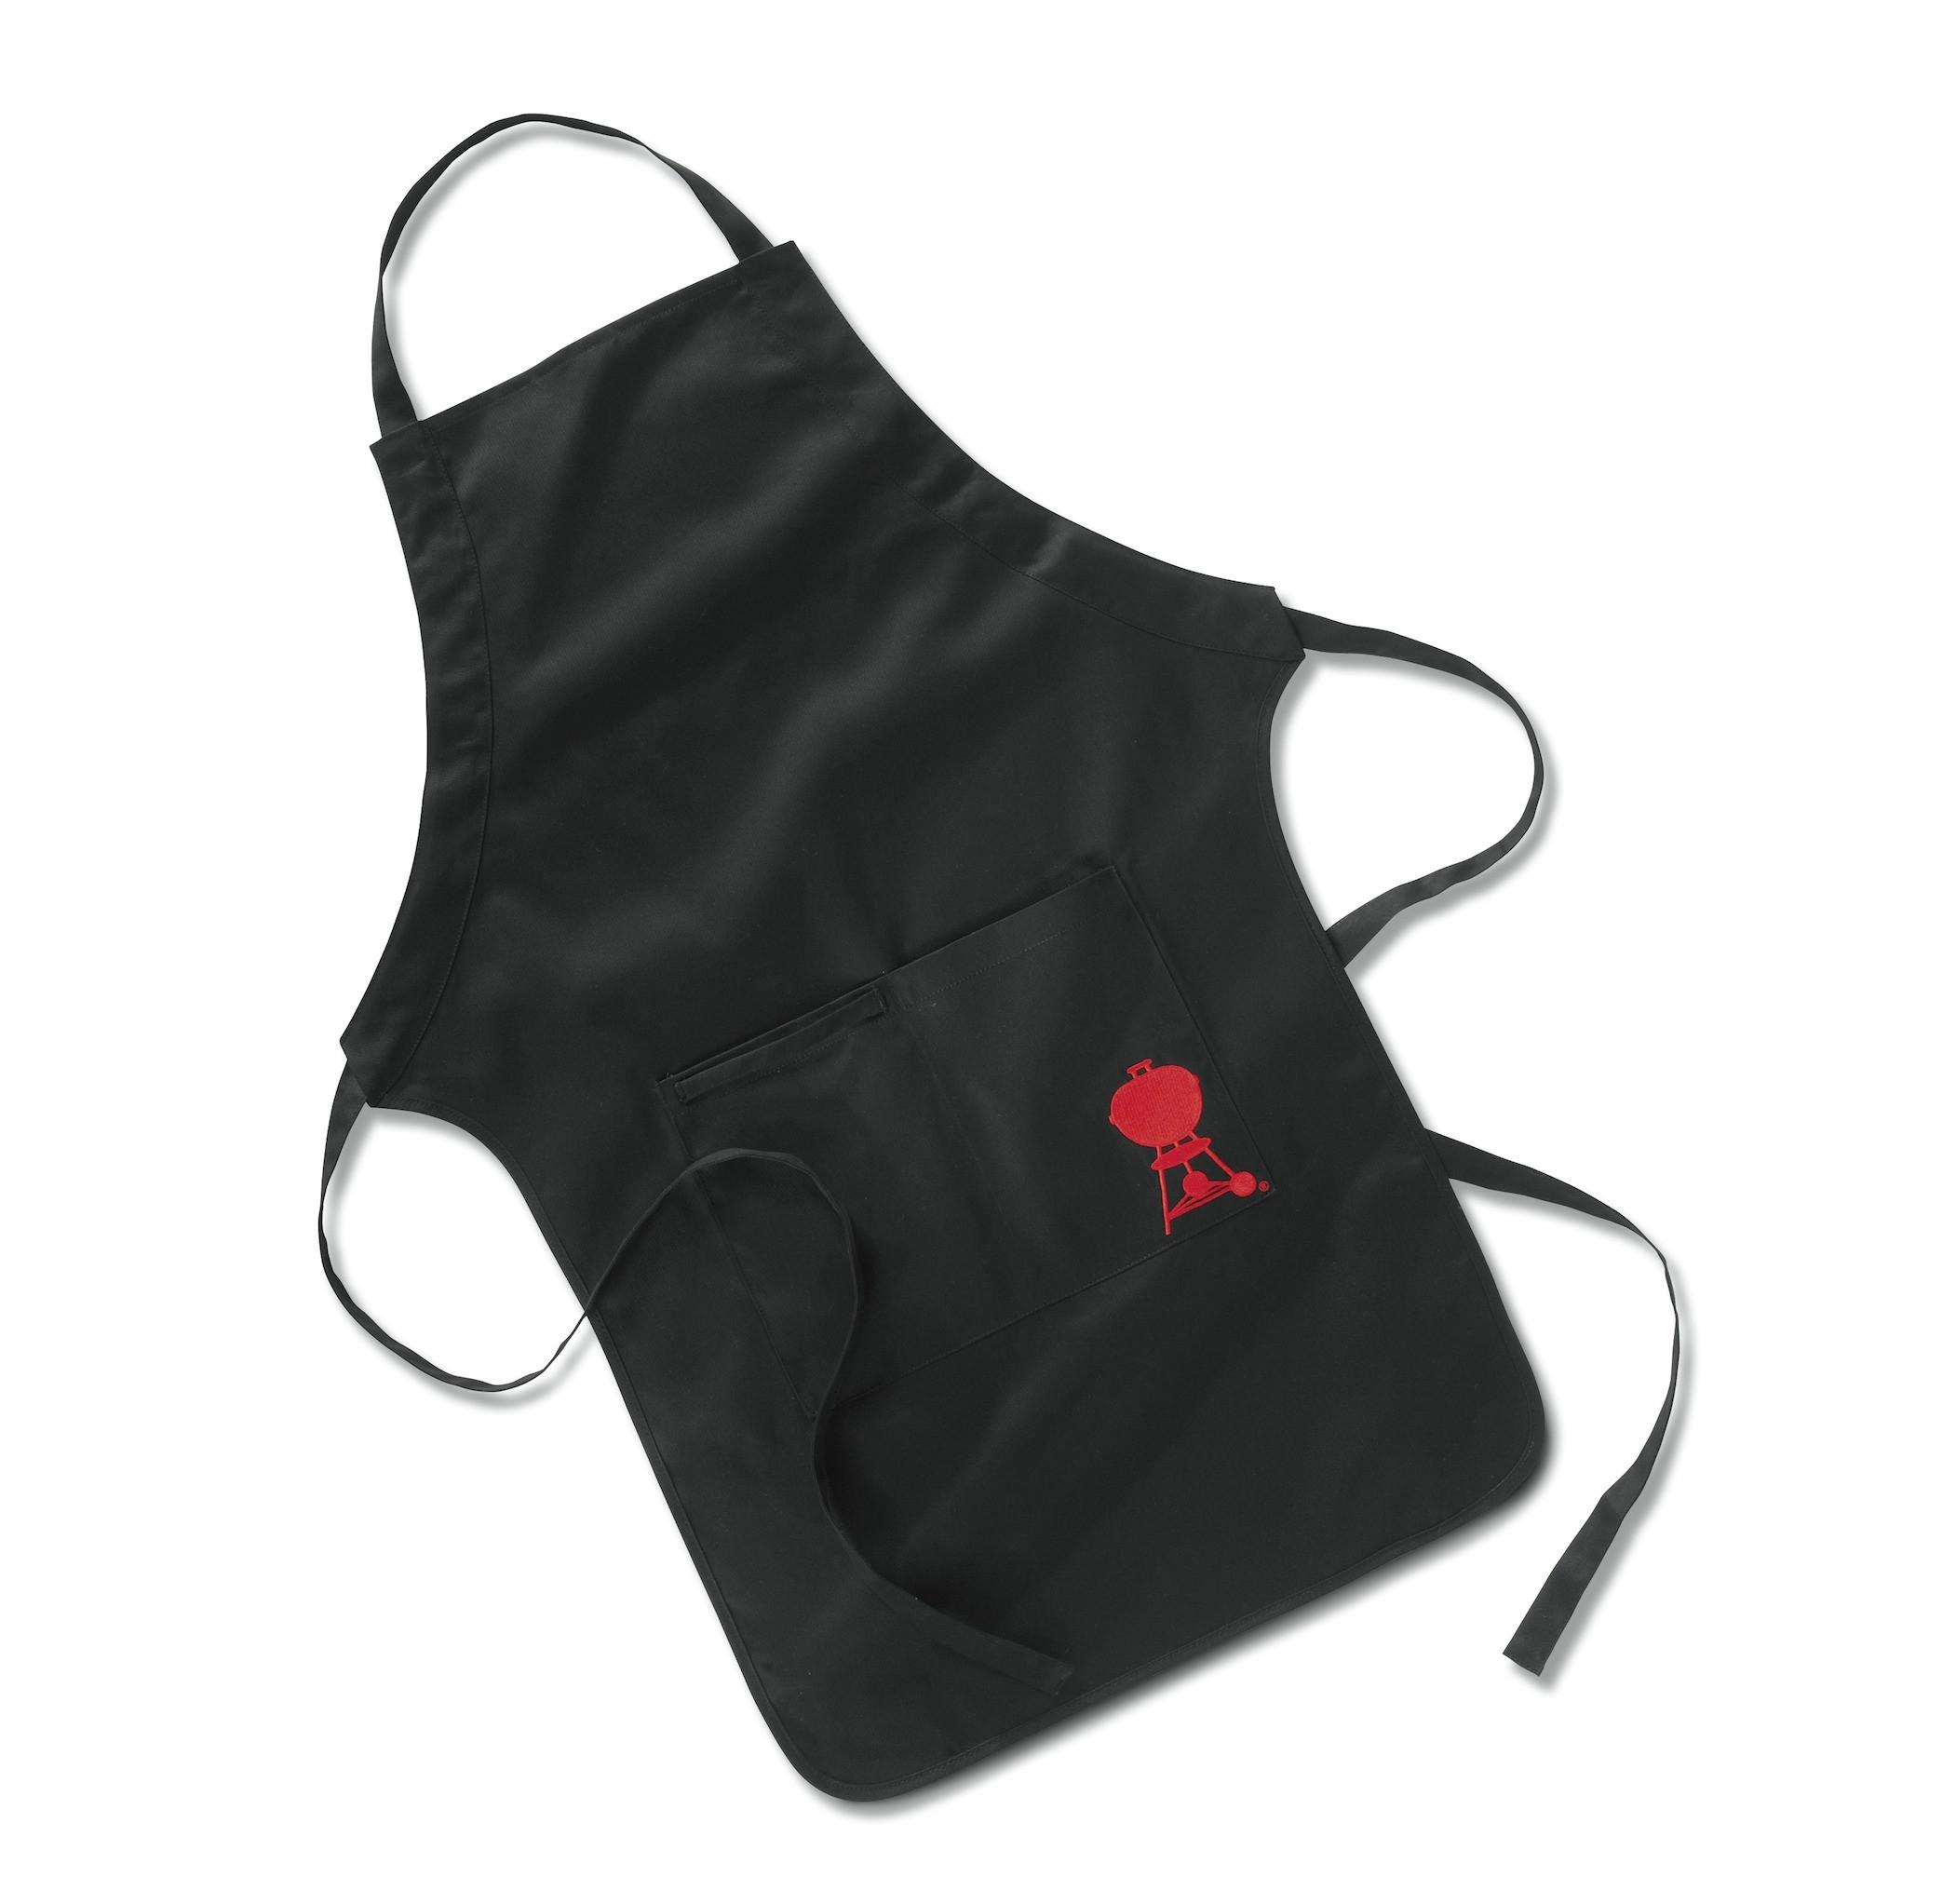 Black apron - Black Apron 11